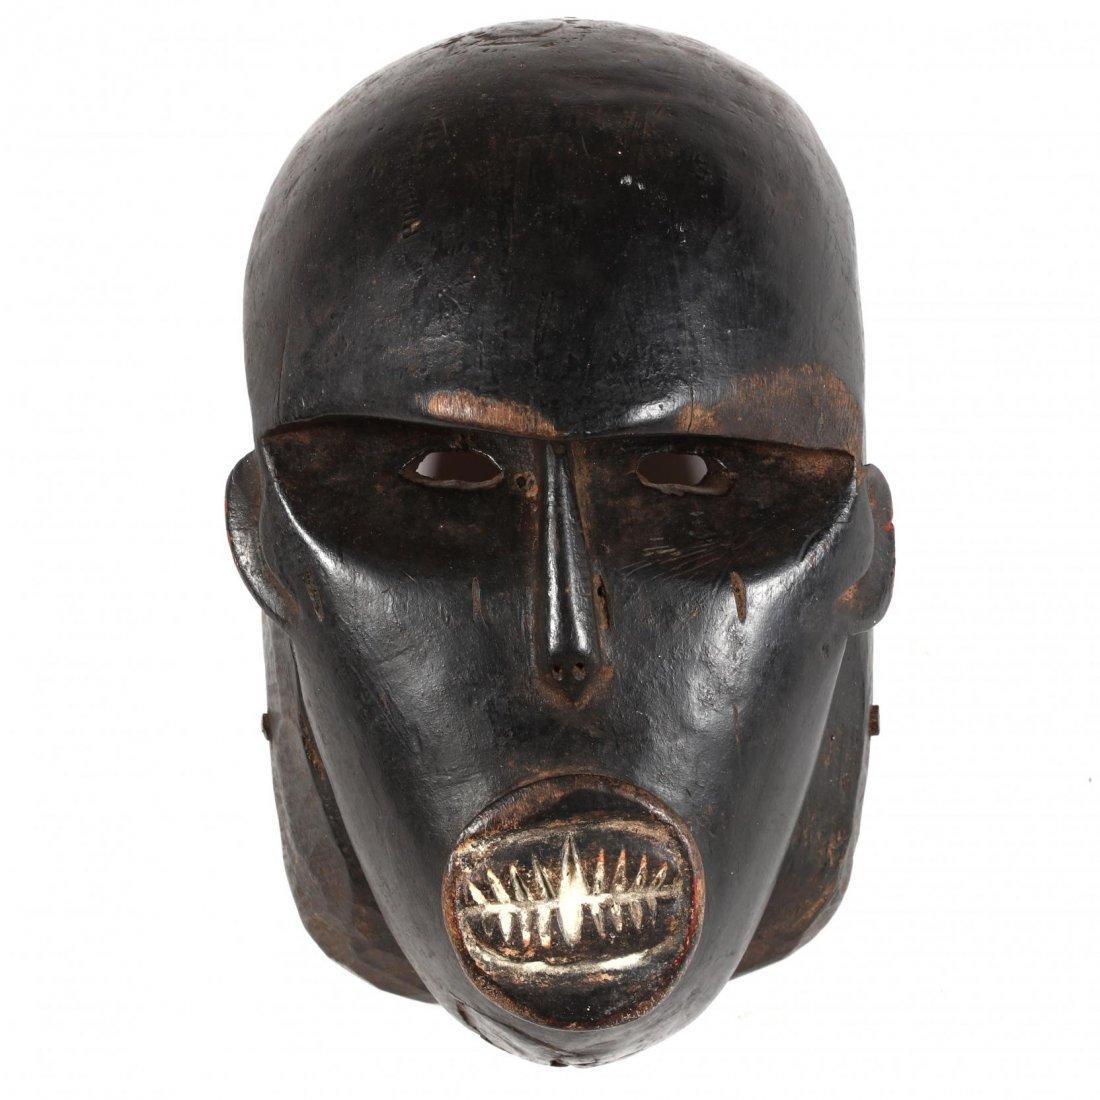 Ivory Coast, Baule Gorilla Mask